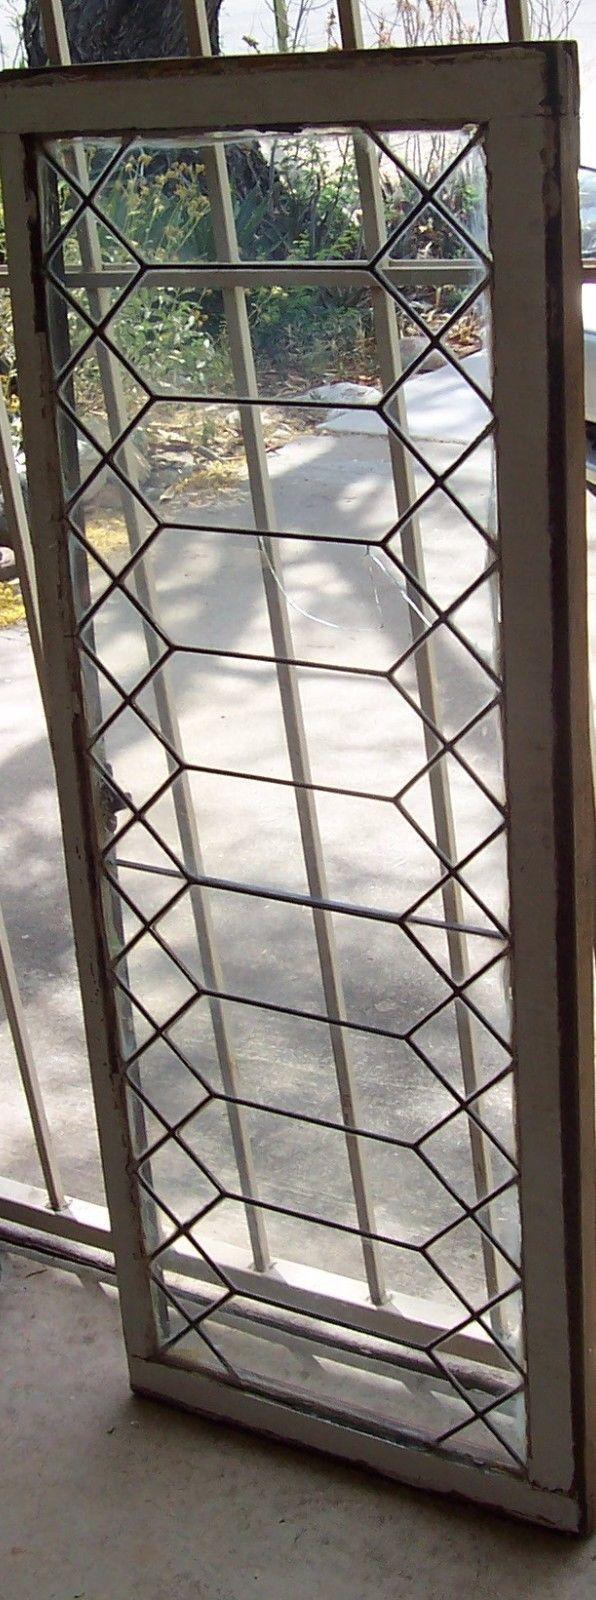 OLD LEAD GLASS WINDOW IN DIAMOND PATTERN